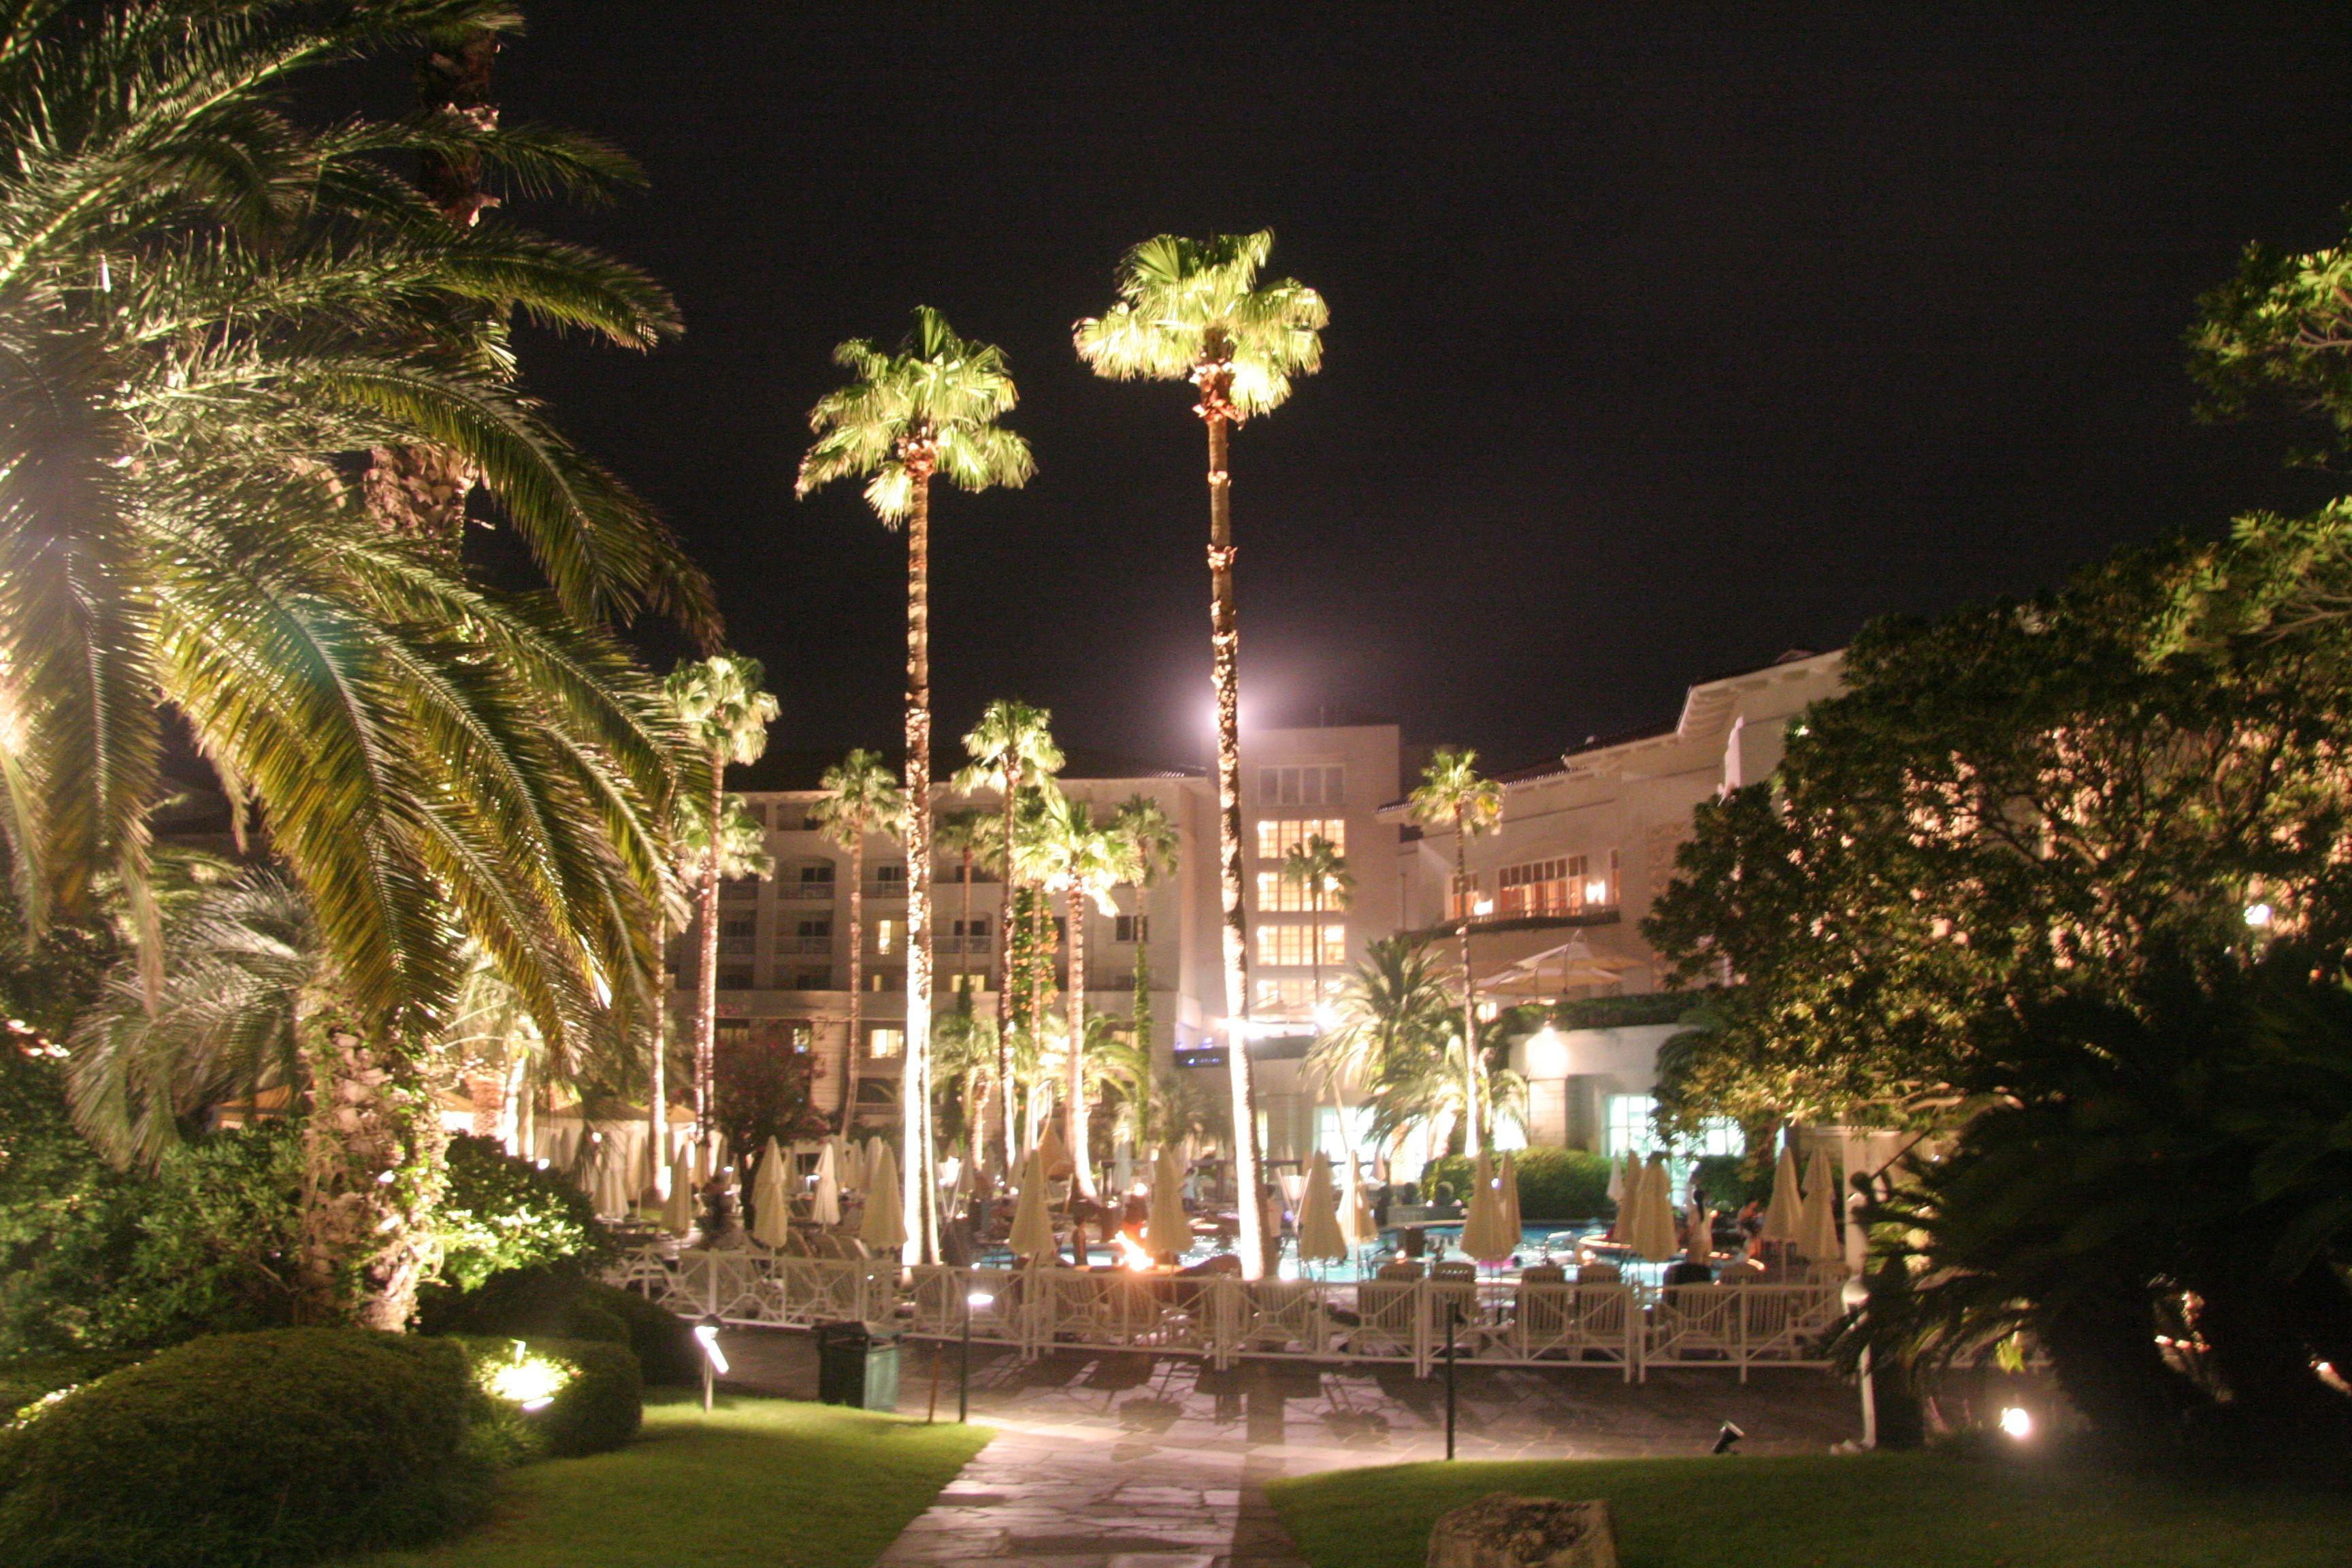 제주도호텔 제주 신라호텔   정원 야간 사진